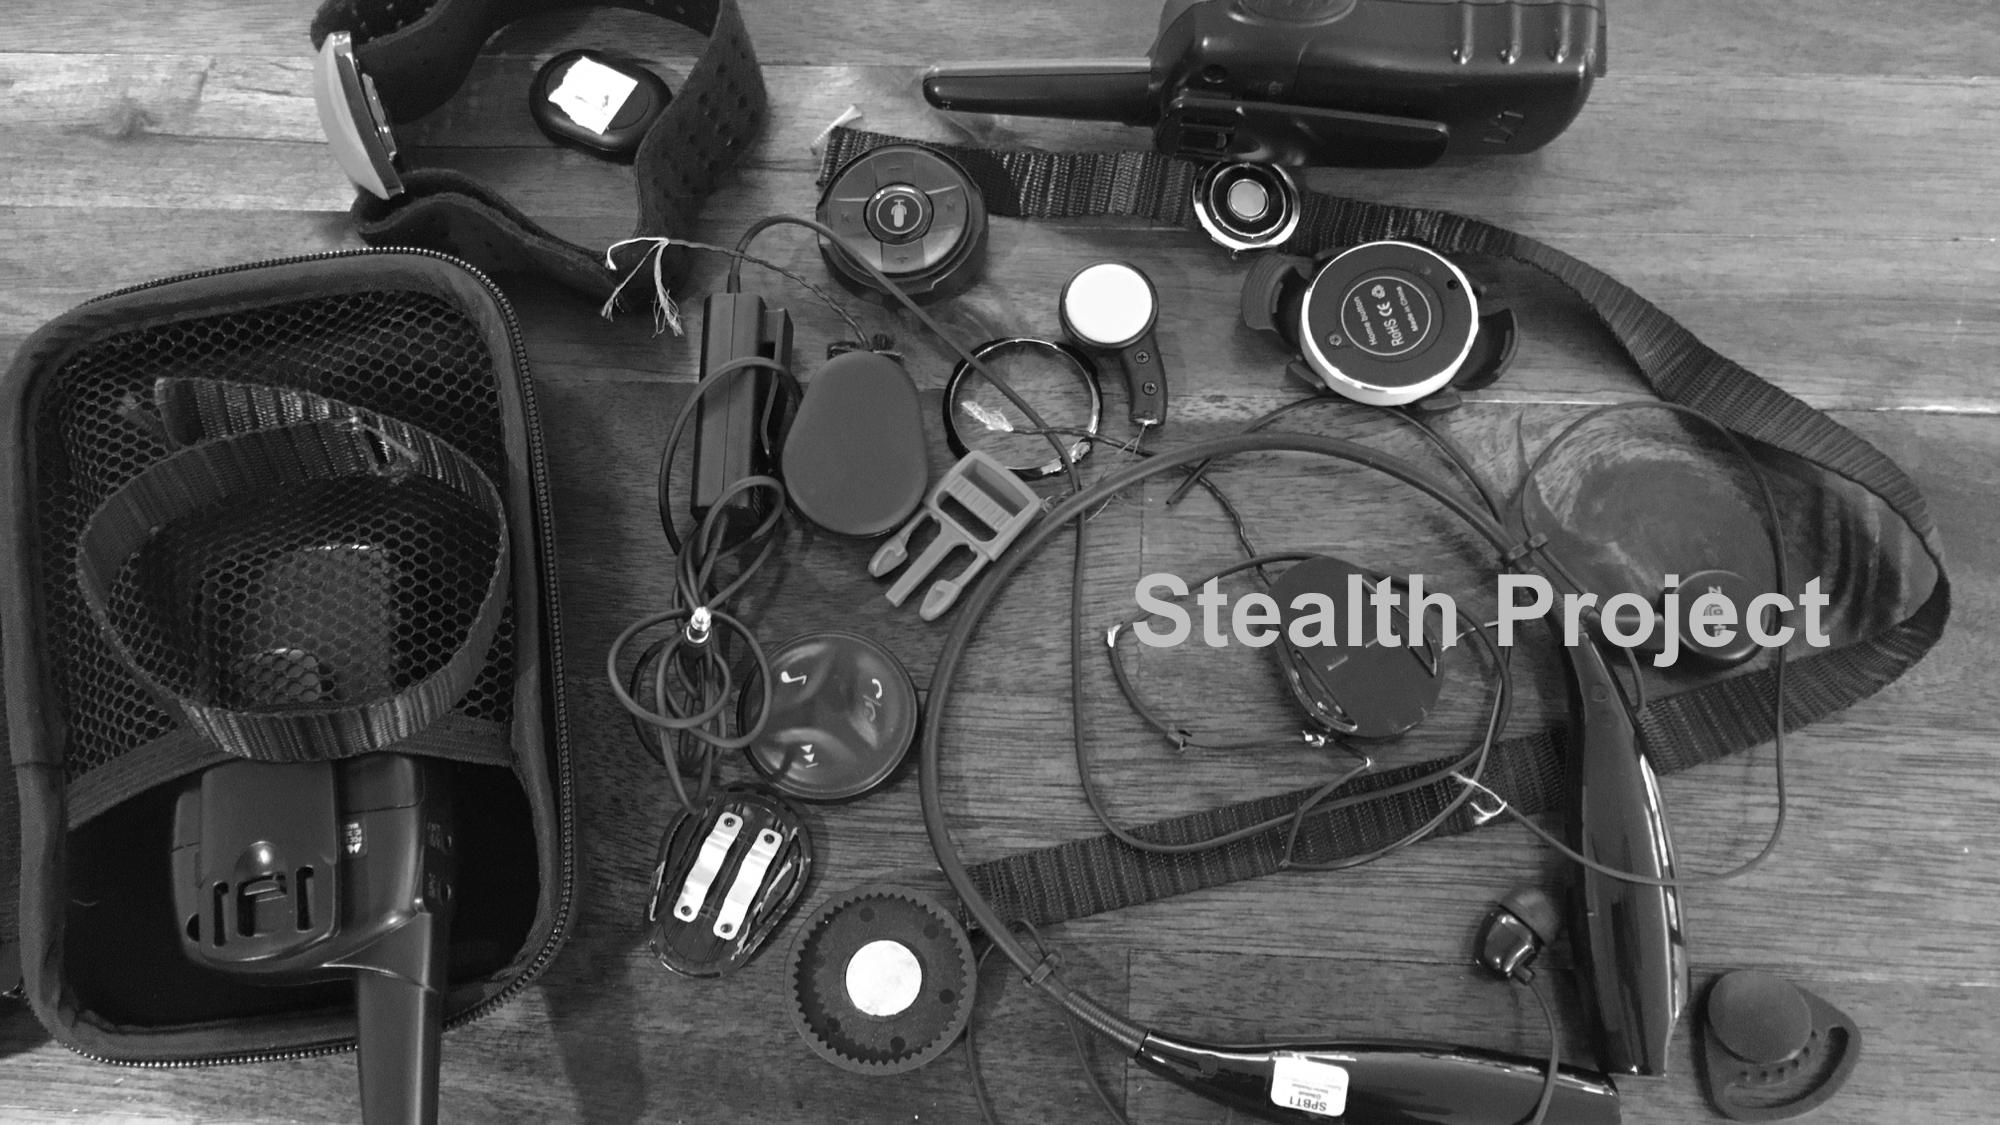 stealthproject B&W 16x9